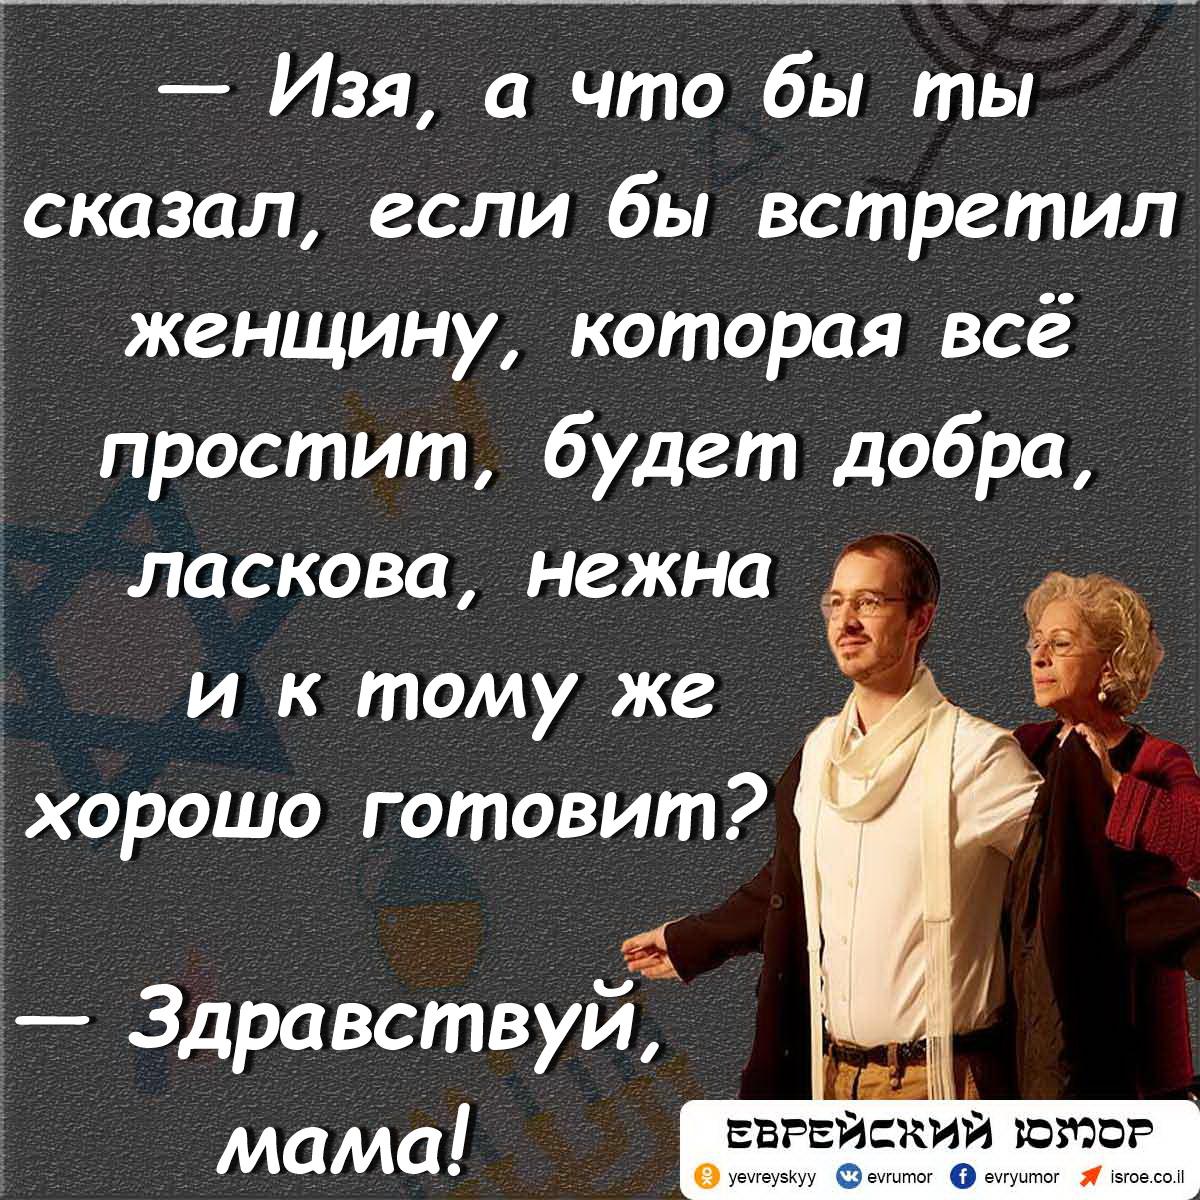 — Изя, а что бы ты сказал, если бы встретил женщину, которая всё простит, будет добра, ласкова, нежна и к тому же хорошо готовит? — Здравствуй, мама!